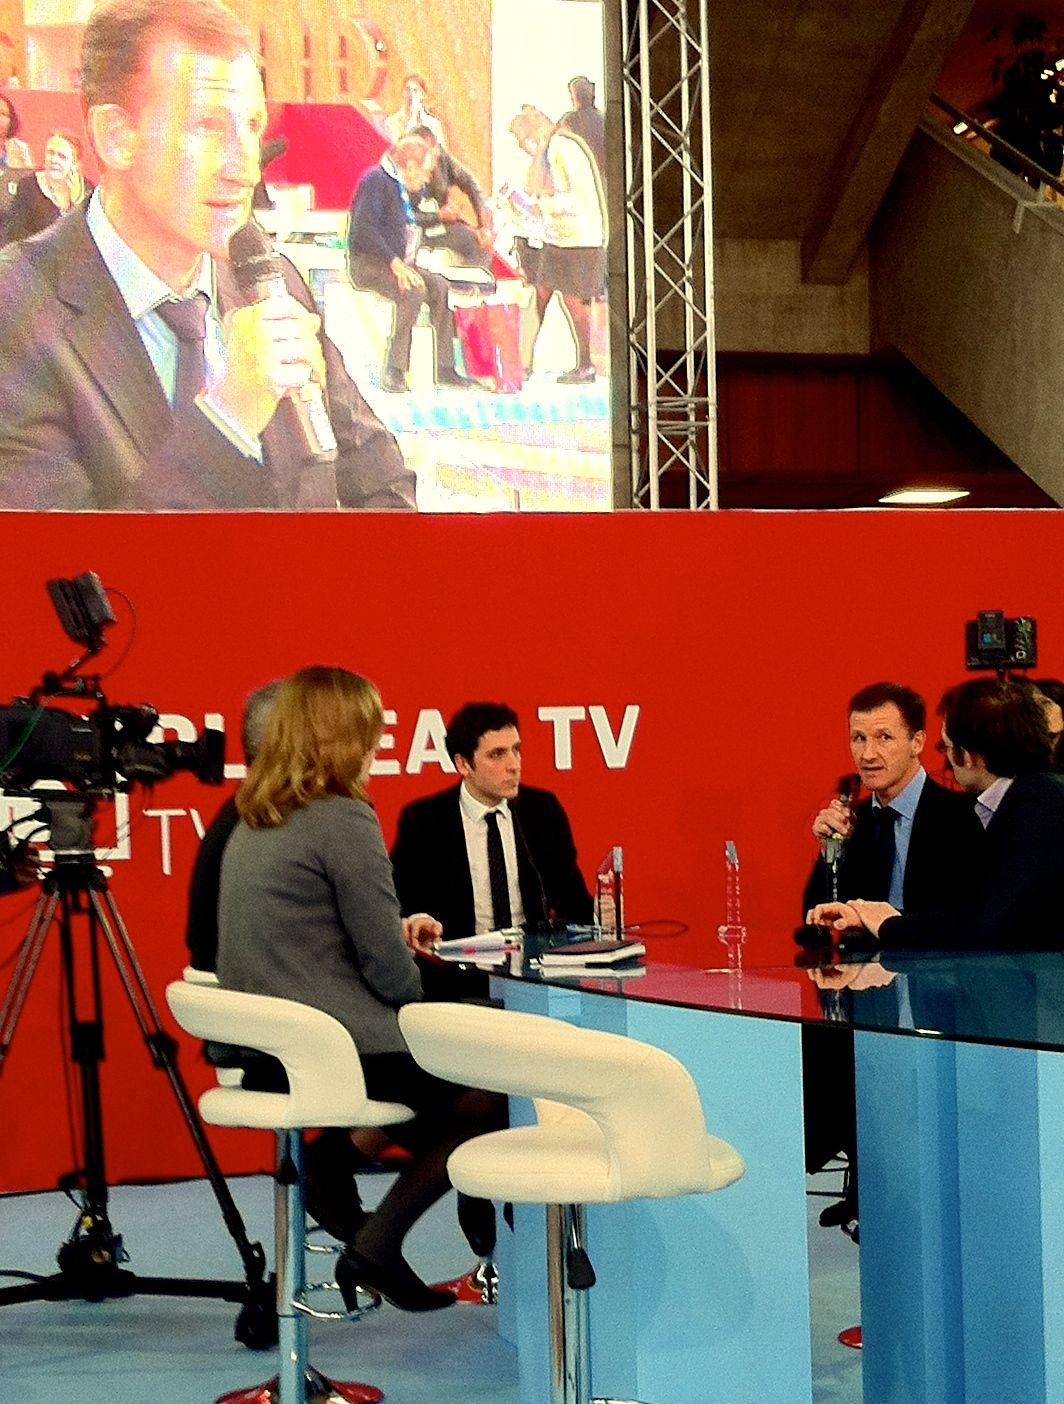 Plateau TV : Remise du prix de l'innovation Cleantech à Comwatt au salon Pollutec par Cleantech republic